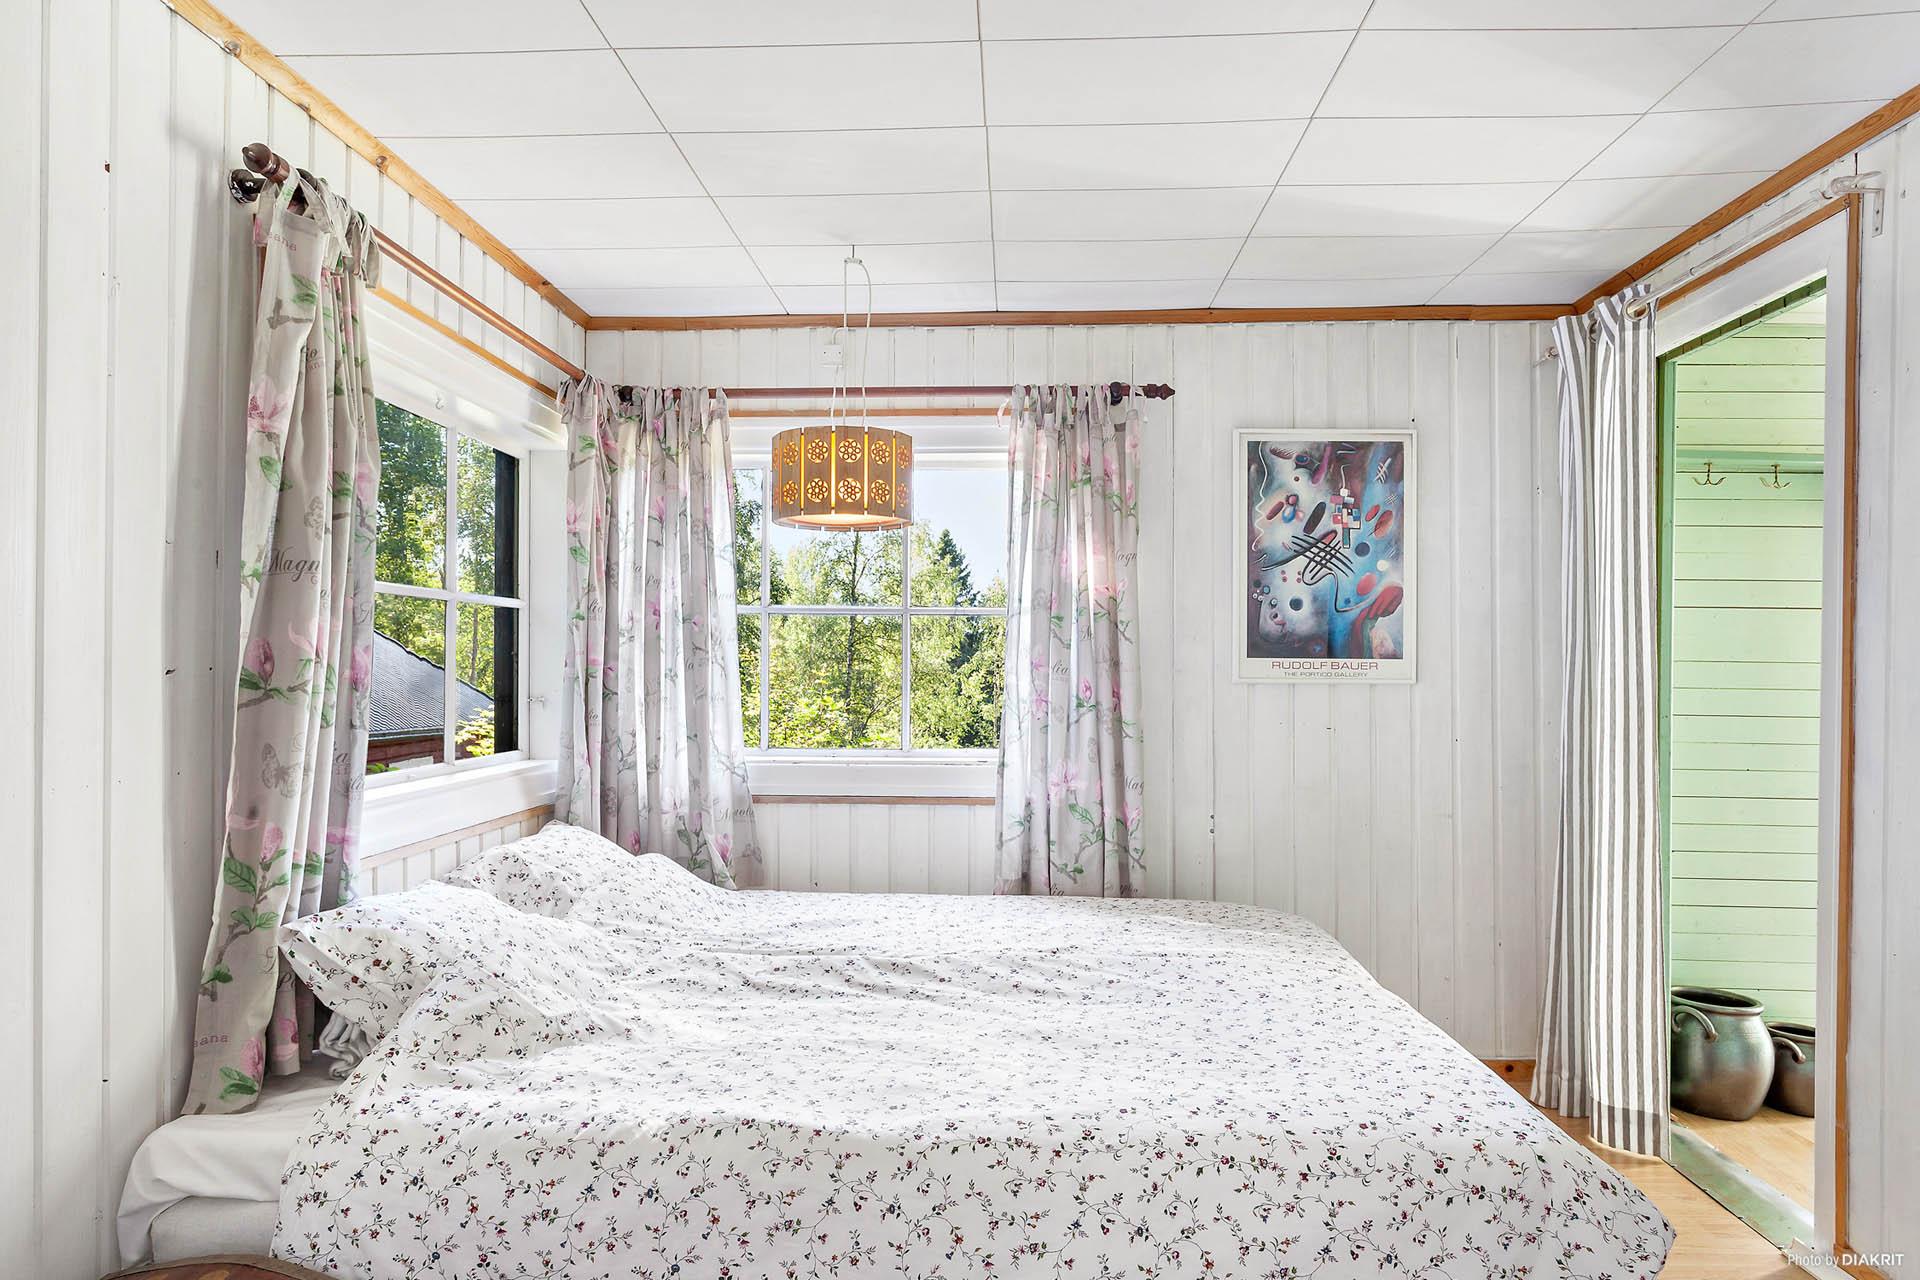 Sovrum i angränsning till hall och kök